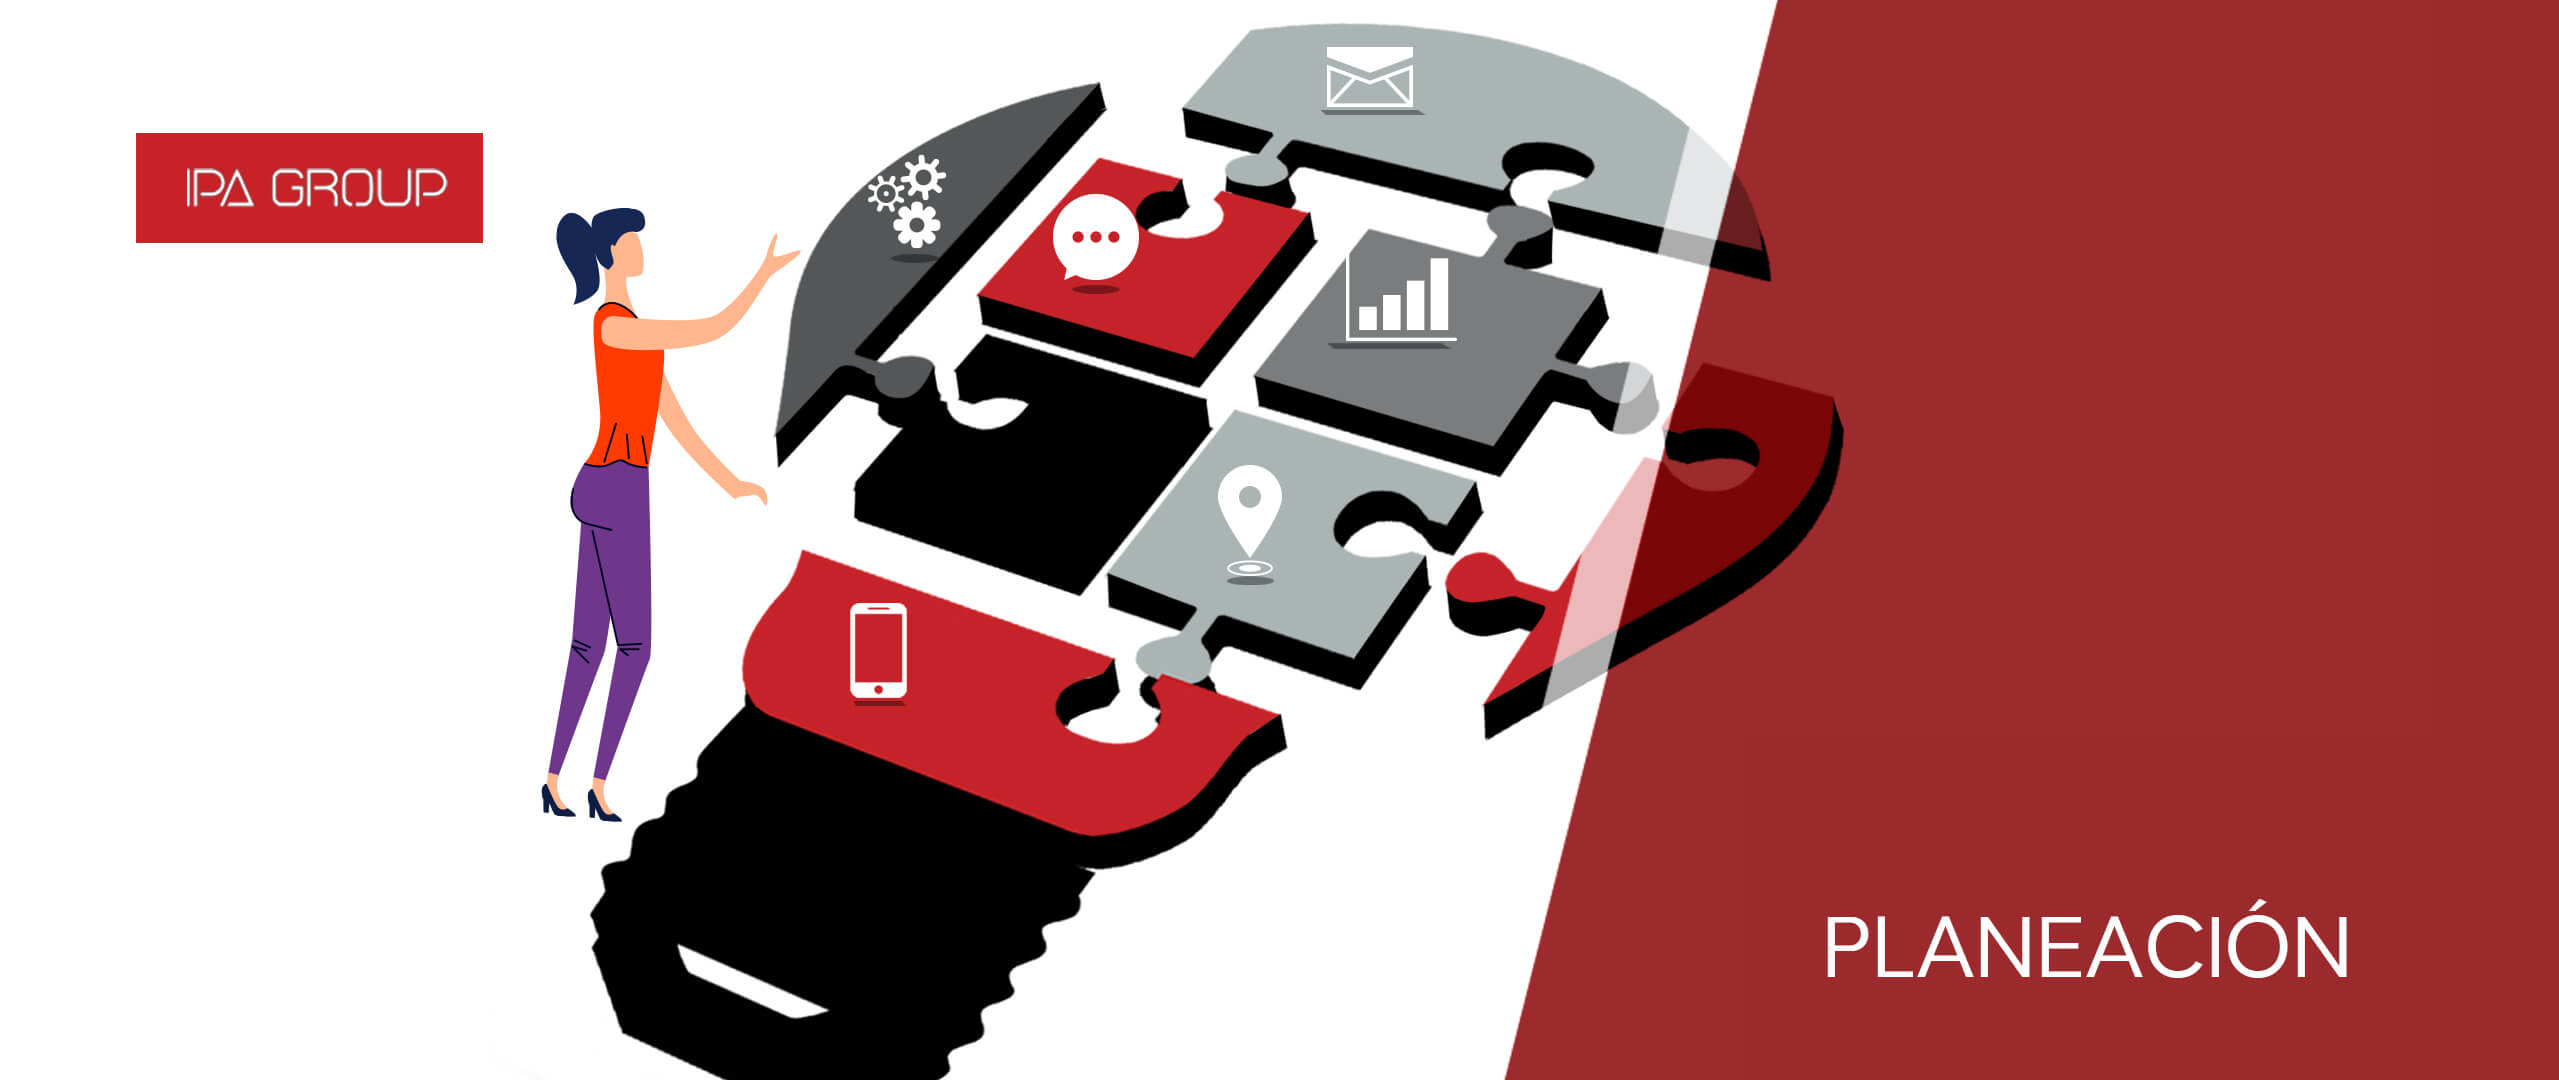 Usuario creando la planeación de su estrategia digital